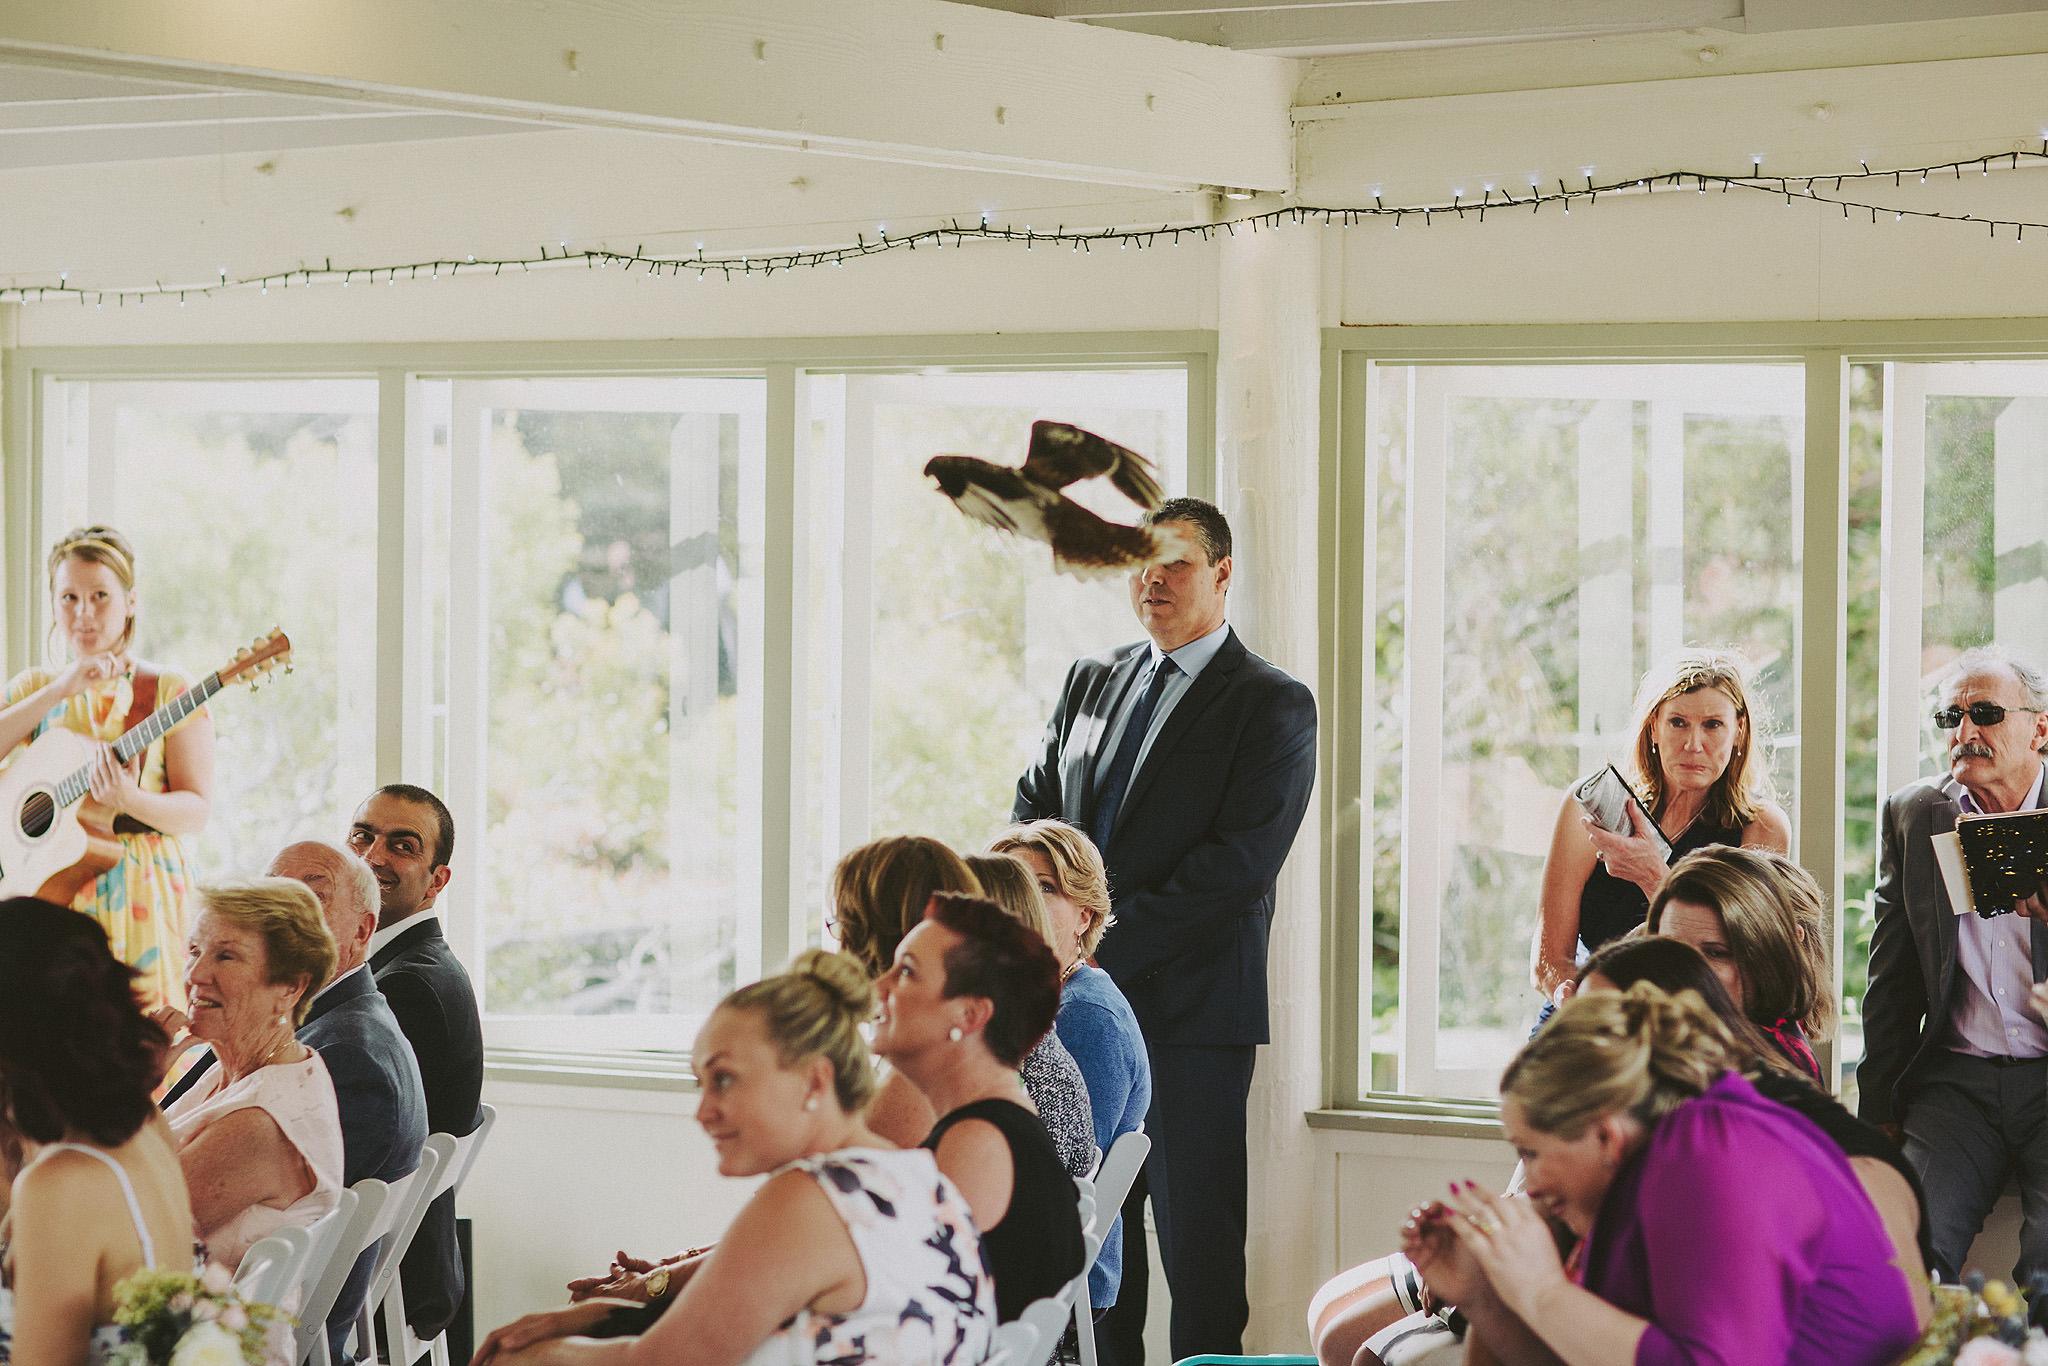 Uninvited kookaburra gatecrashes wedding at Taronga Zoo Sydney |Andrea Calodolce Marriage Celebrant Sydney